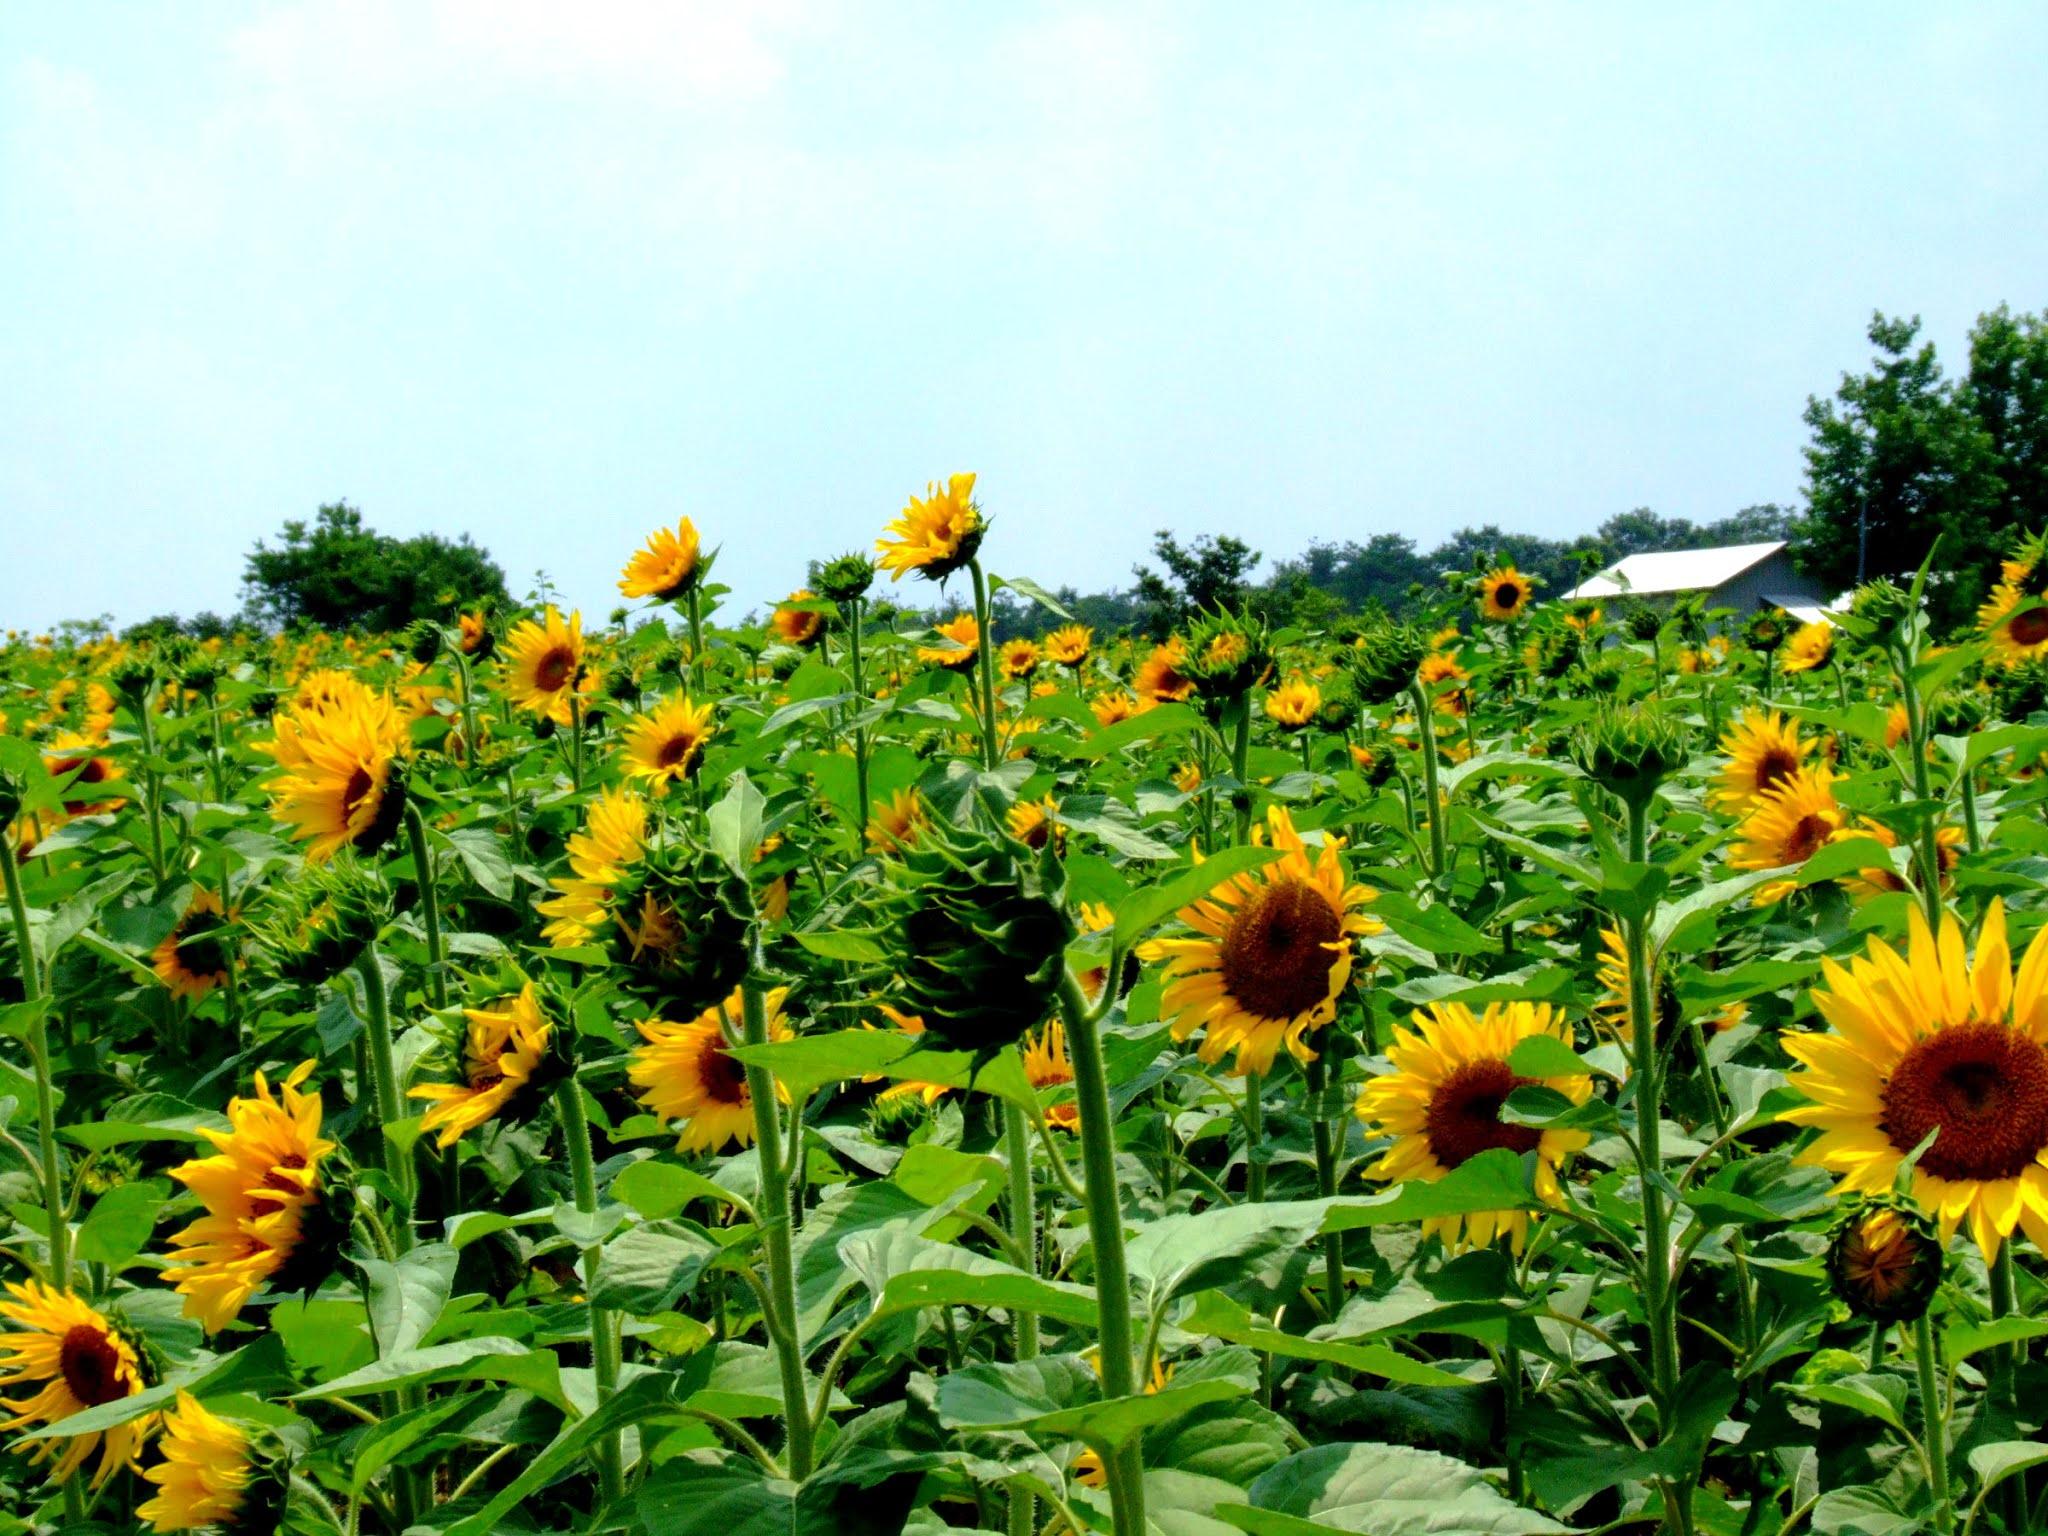 青空 黄色い向日葵(ヒマワリ) 写真素材